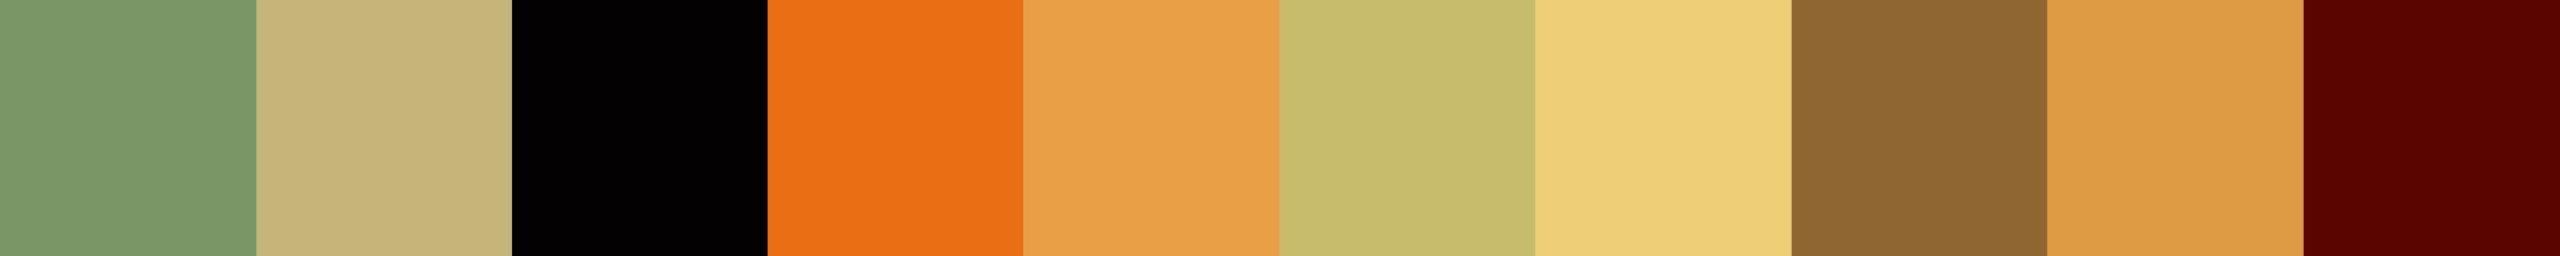 240 Grestaza Color Palette